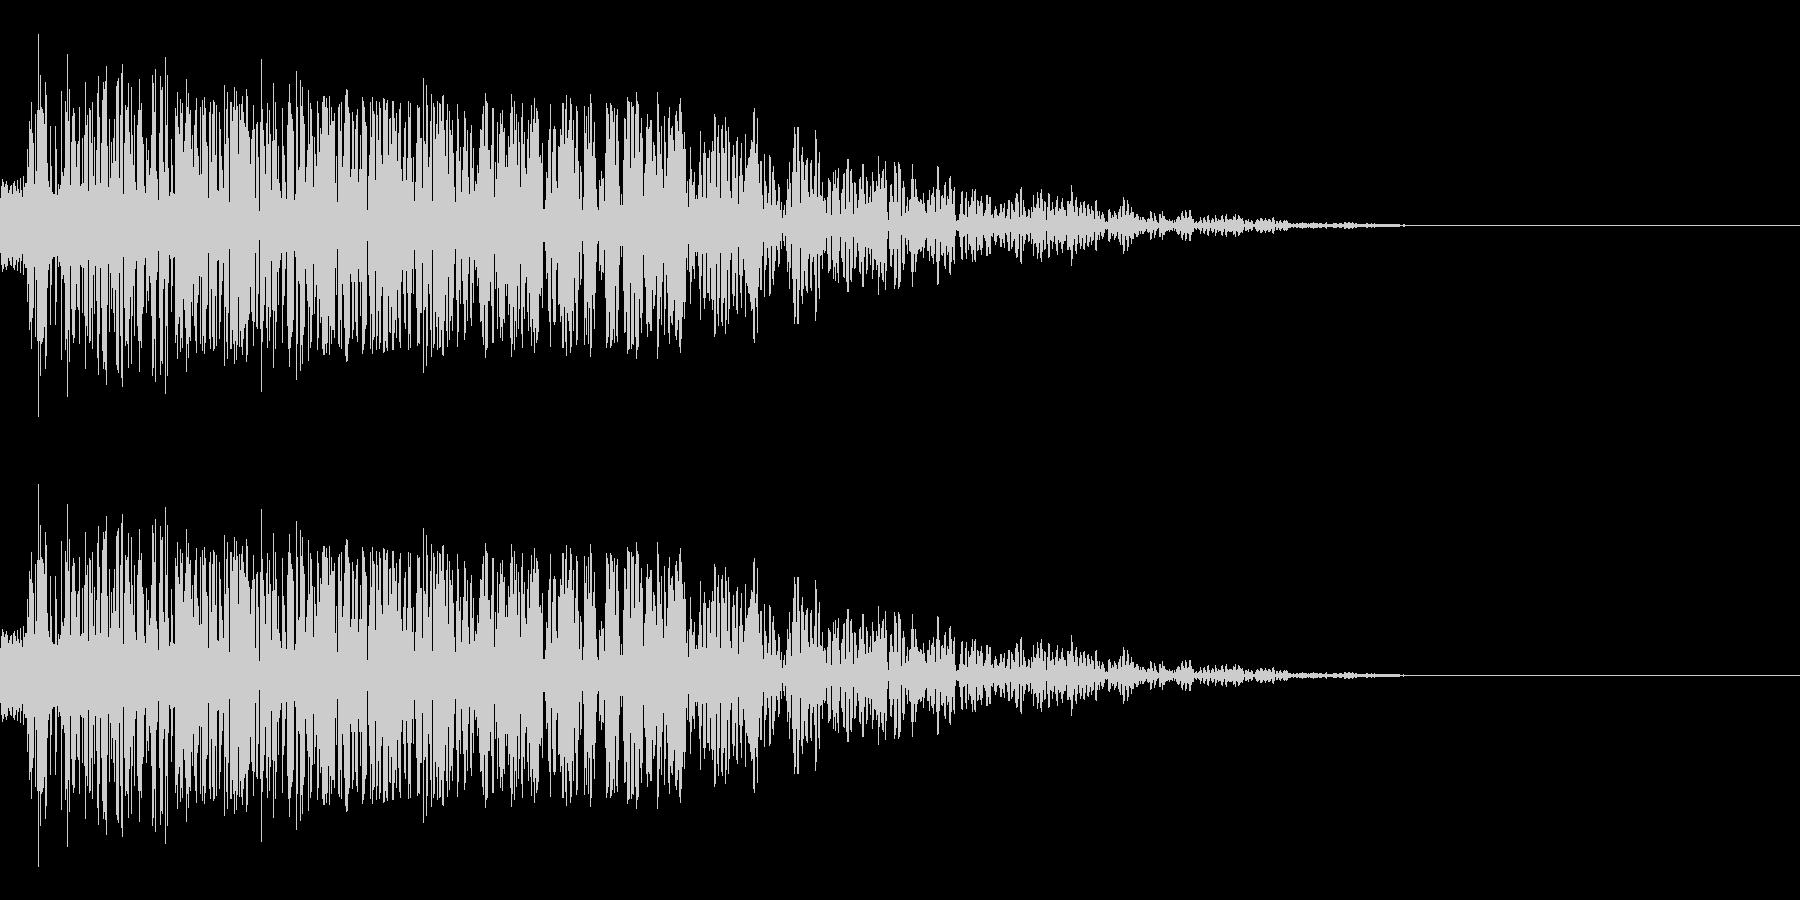 シャキーン(刀/和風/アプリ/決定音)の未再生の波形